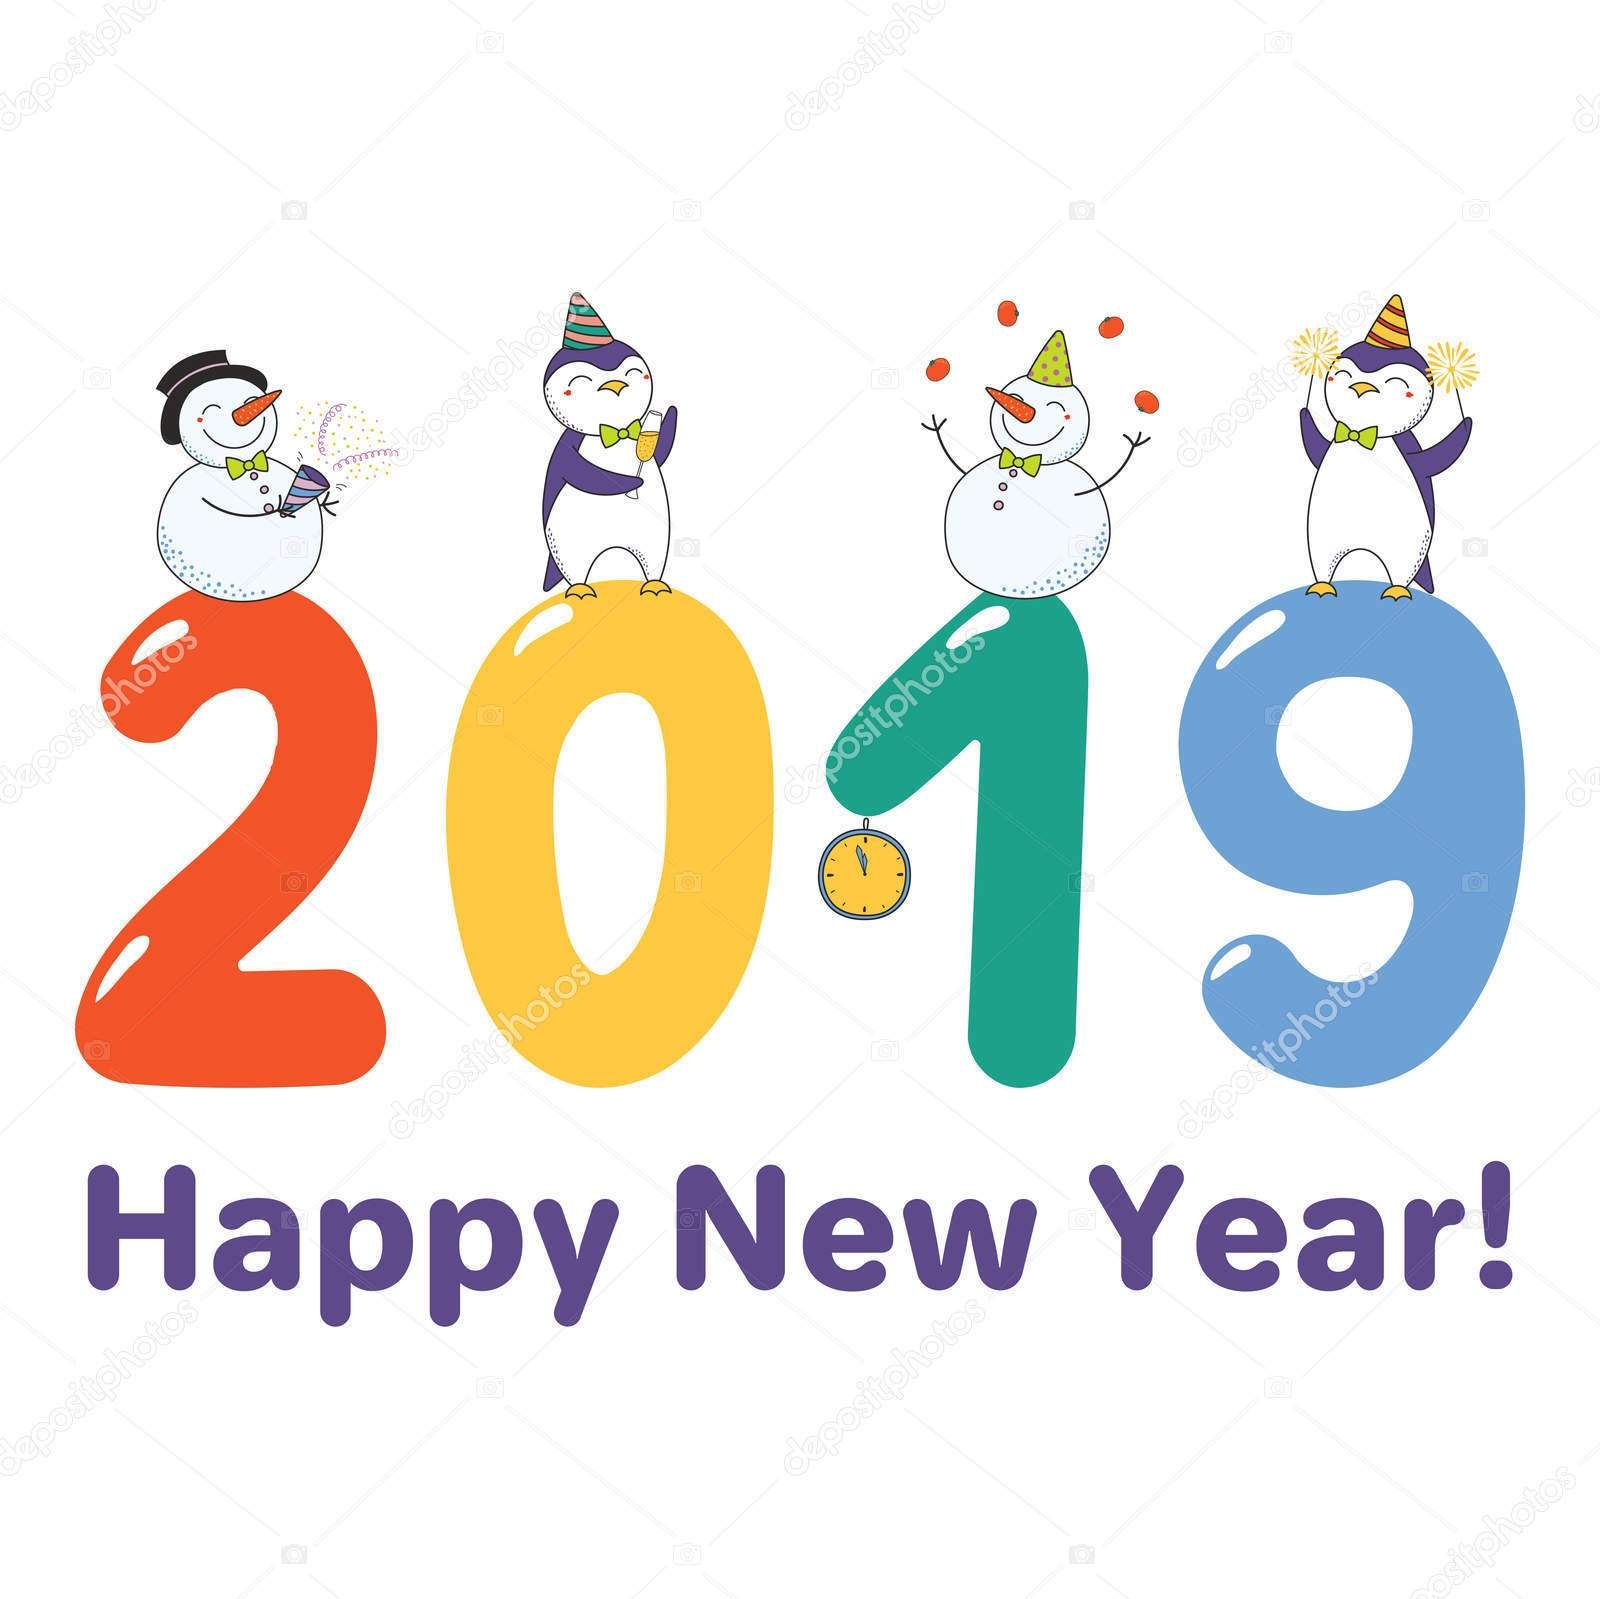 những hình ảnh dễ thương nhất về năm mới kỷ hợi 2019 hoạt hình cực đẹp